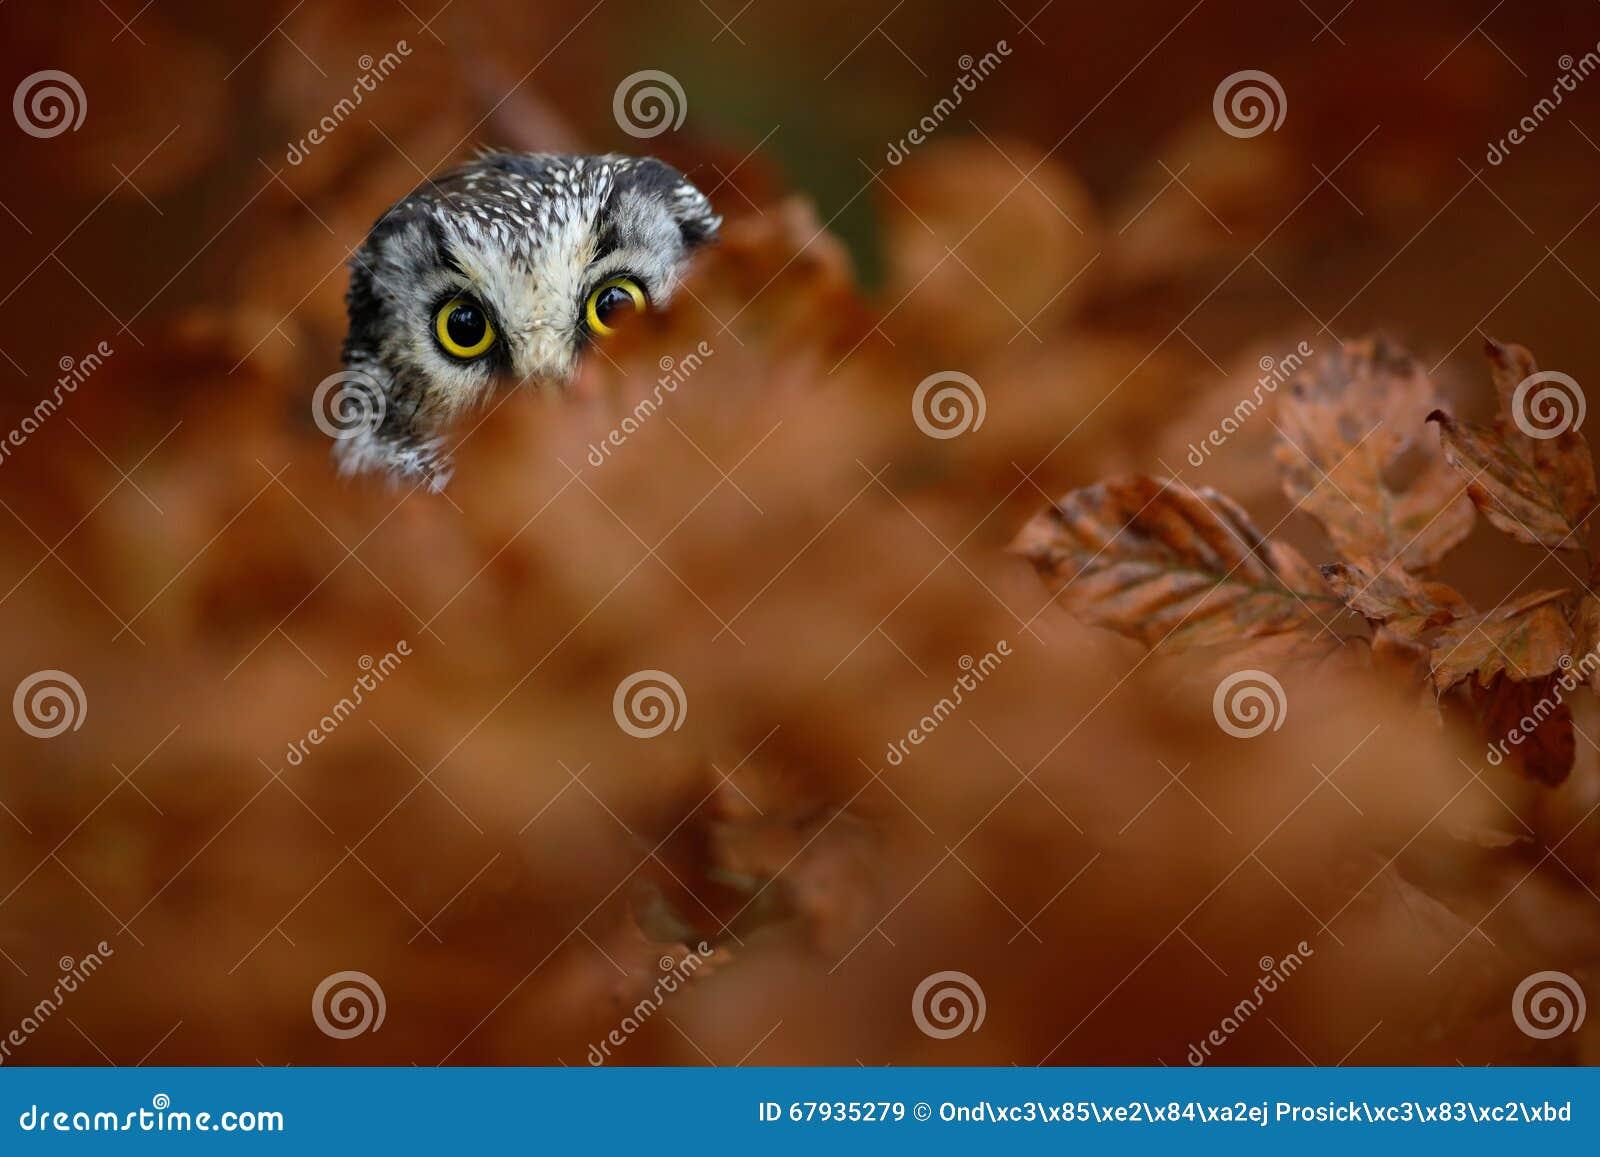 Portret van Boreale Uil met gele ogen in oranje eiken boom tijdens de herfst